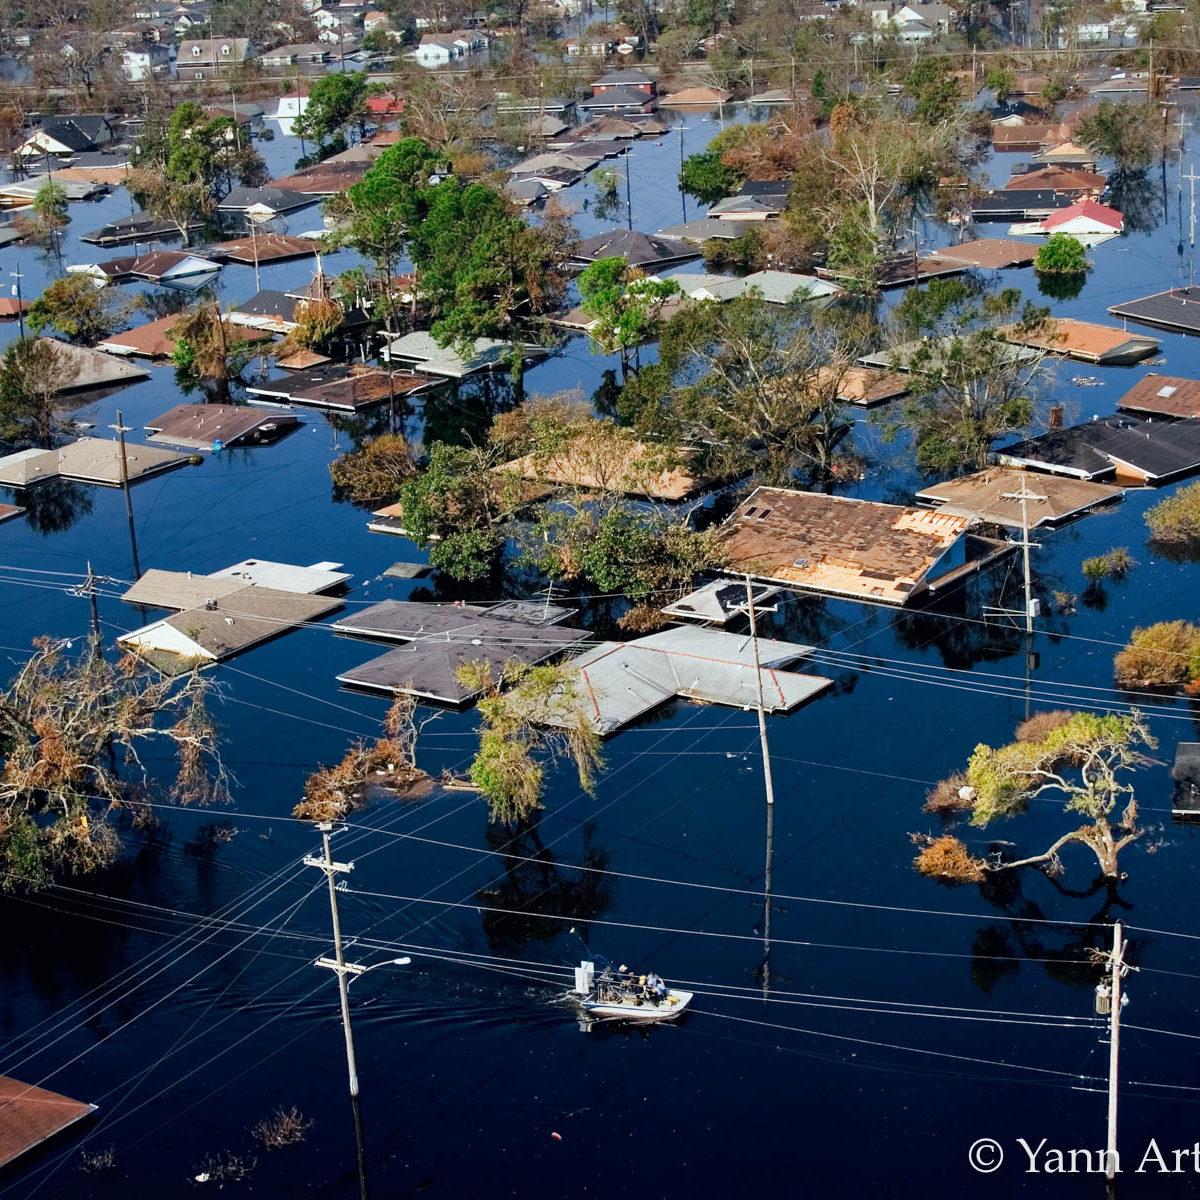 changement climatique efforts